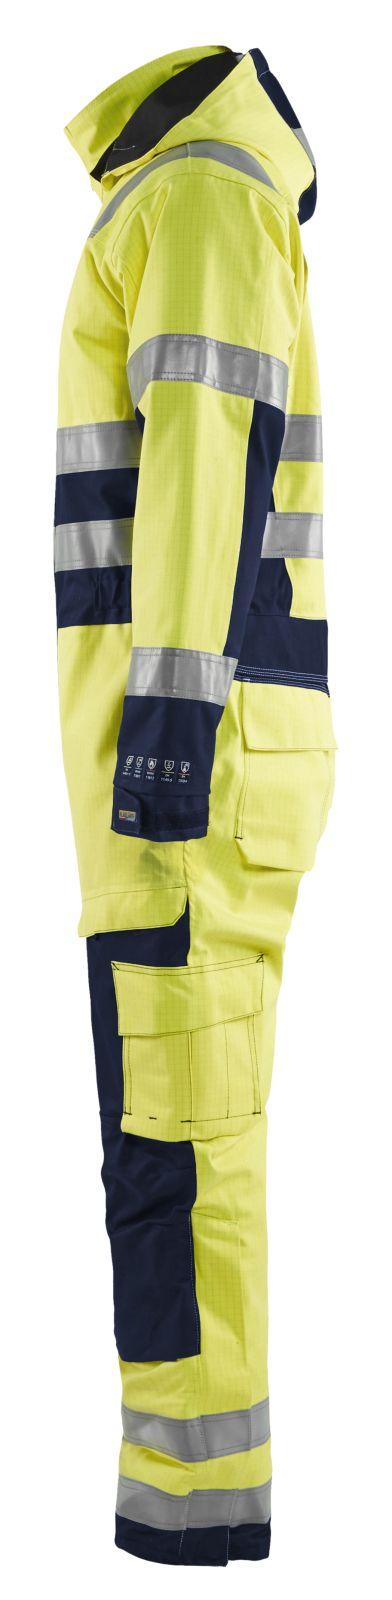 Blaklader Winteroveralls 63681530 Multinorm geel-marineblauw(3389)